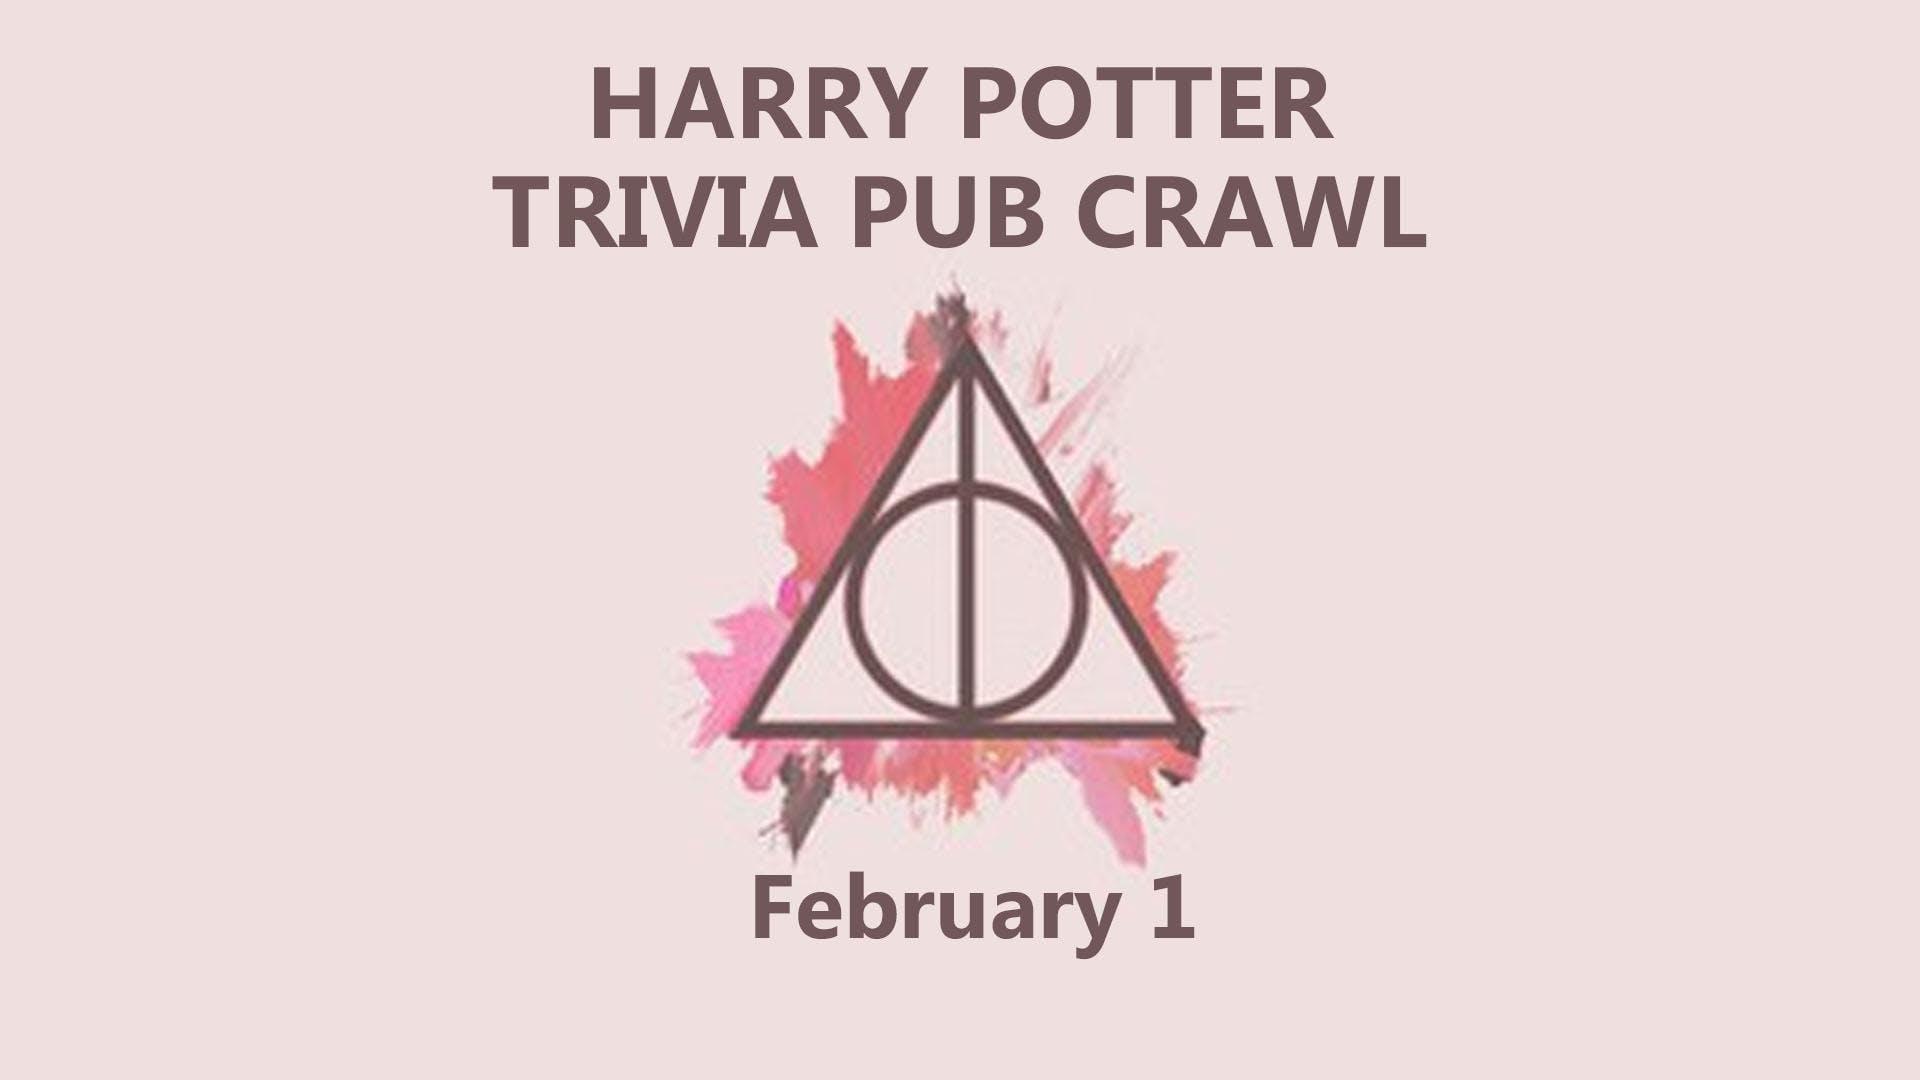 Harry Potter Trivia Pub Crawl